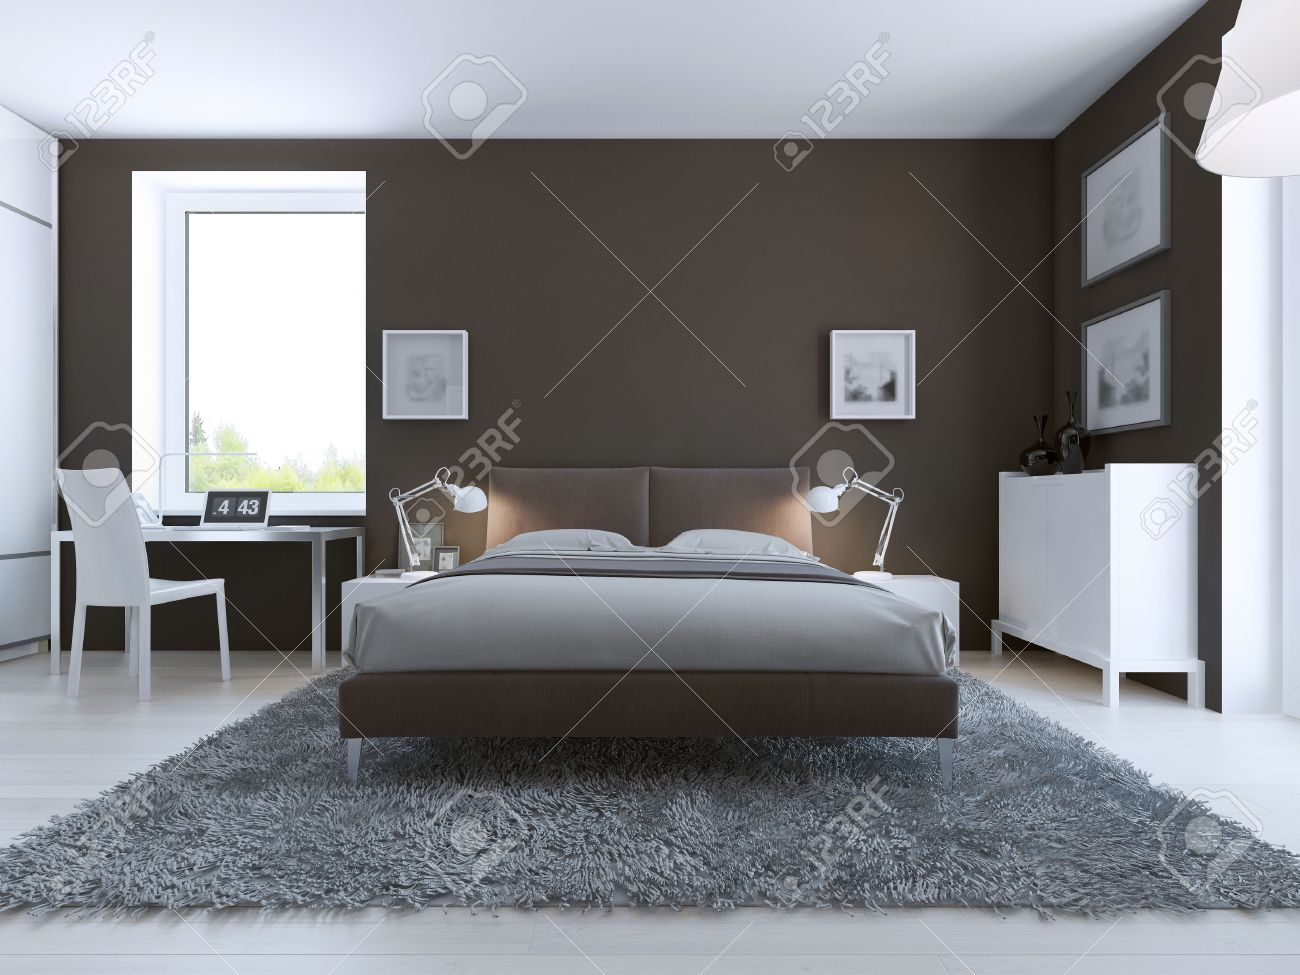 Muebles Blancos Dormitorio Beautiful Dormitorio Matrimonio En  # Muebles Blancos